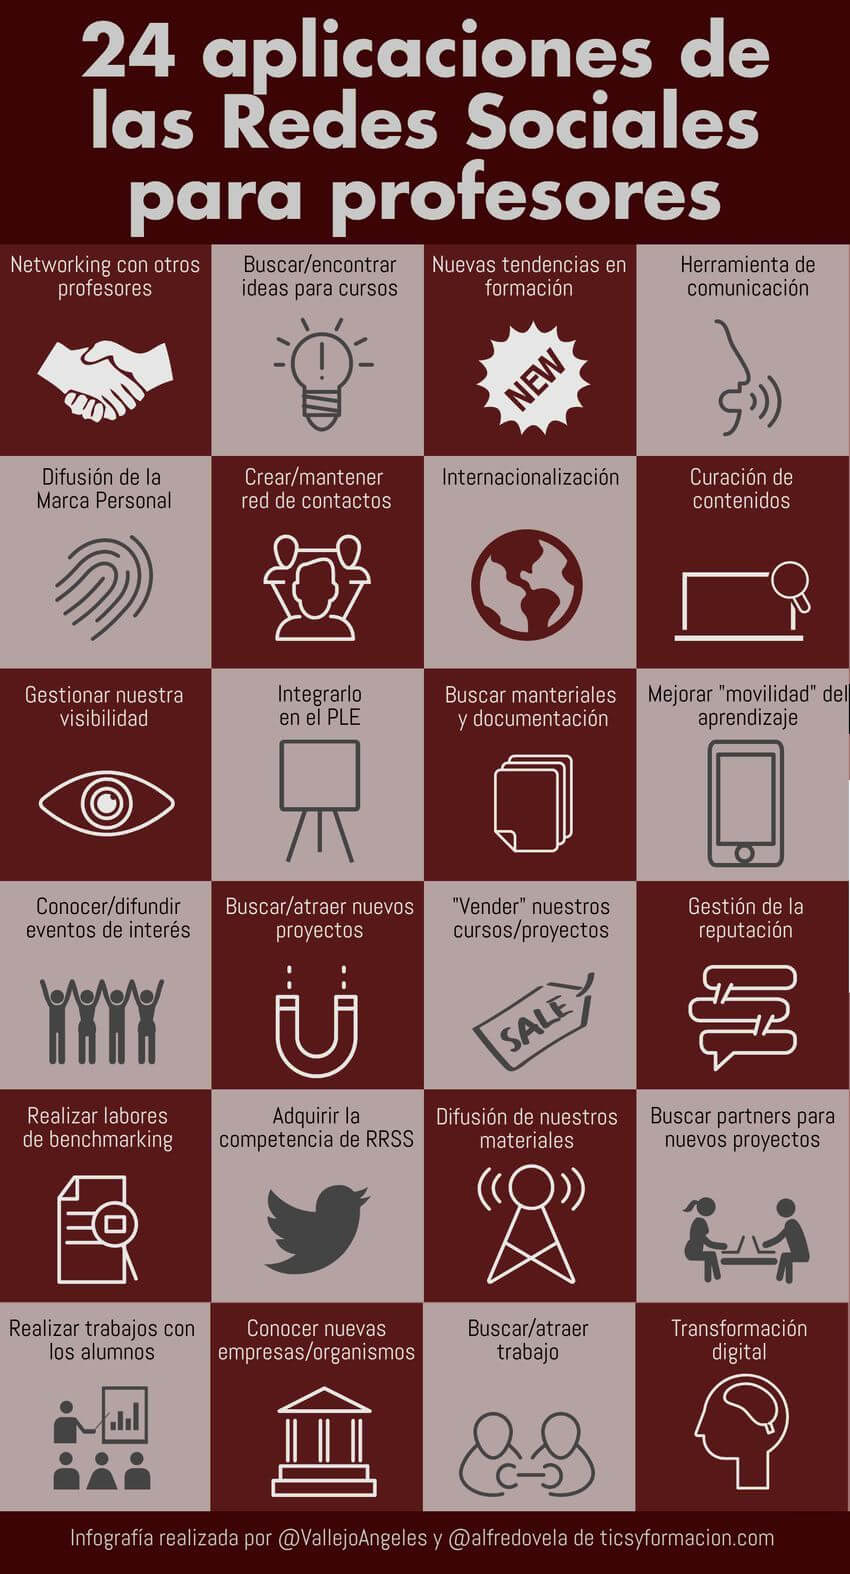 24 usos para docentes o profesores de las Redes Sociales